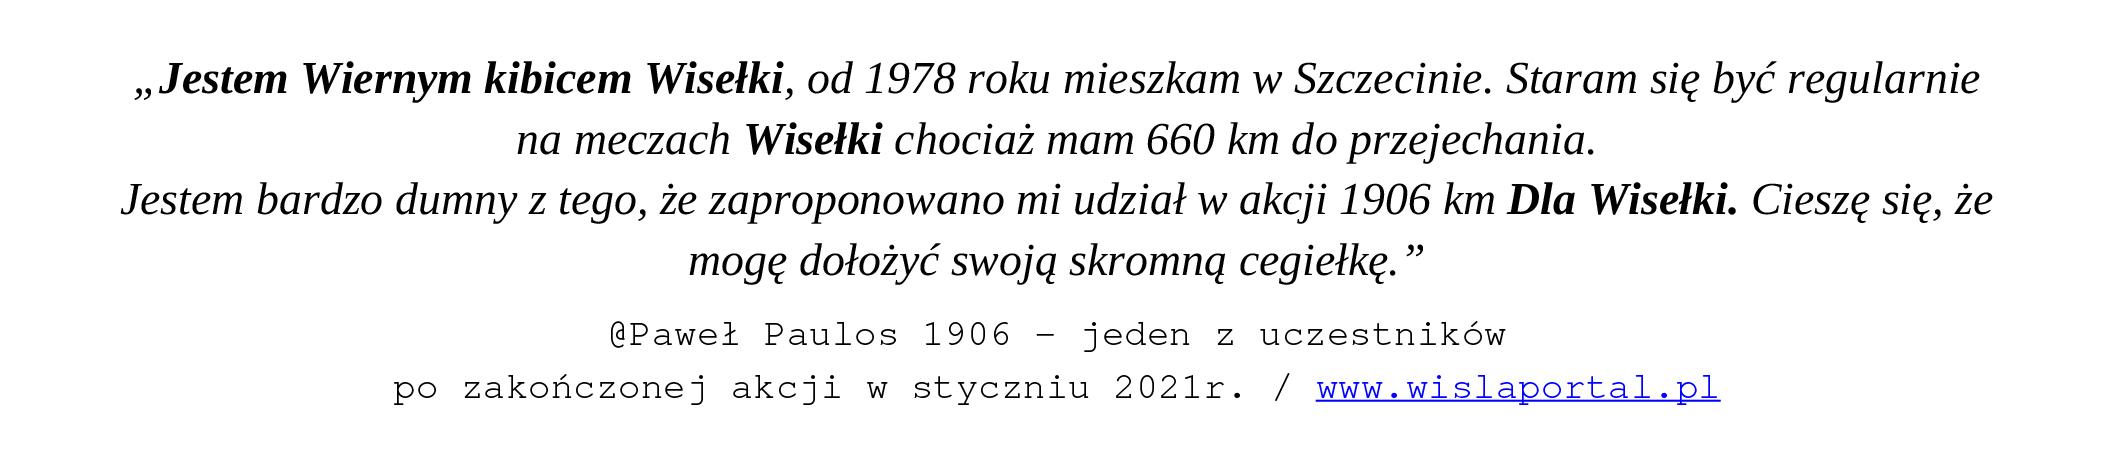 @Paweł Paulos 1906 - jeden z uczestników po zakończonej akcji w styczniu 2021 r. / www.wislaportal.pl